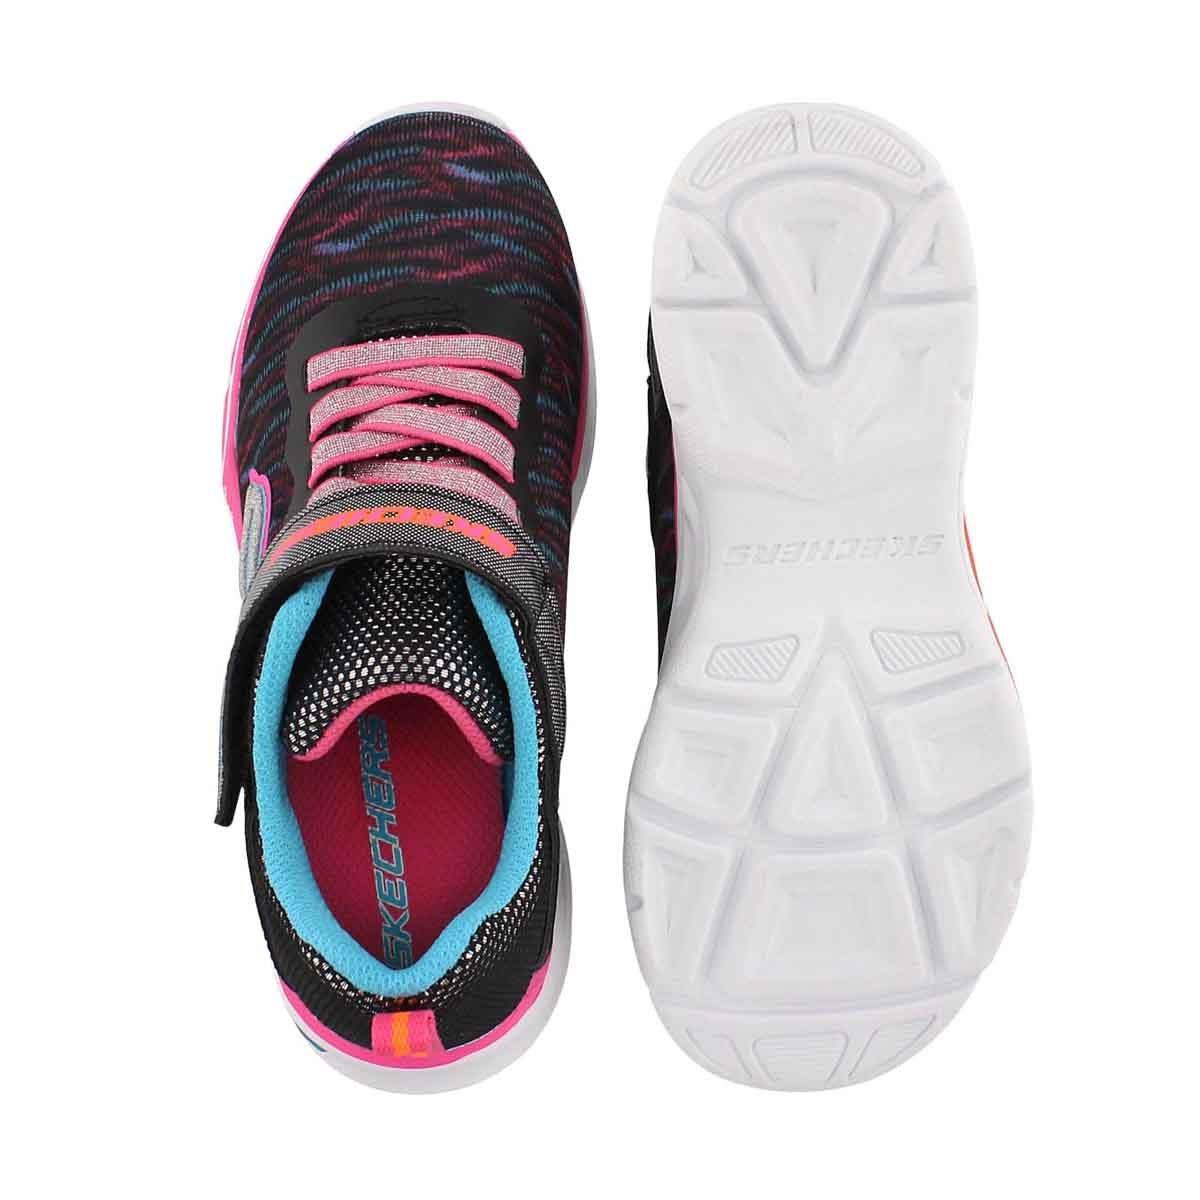 Grls Litebeams multi lightup sneaker